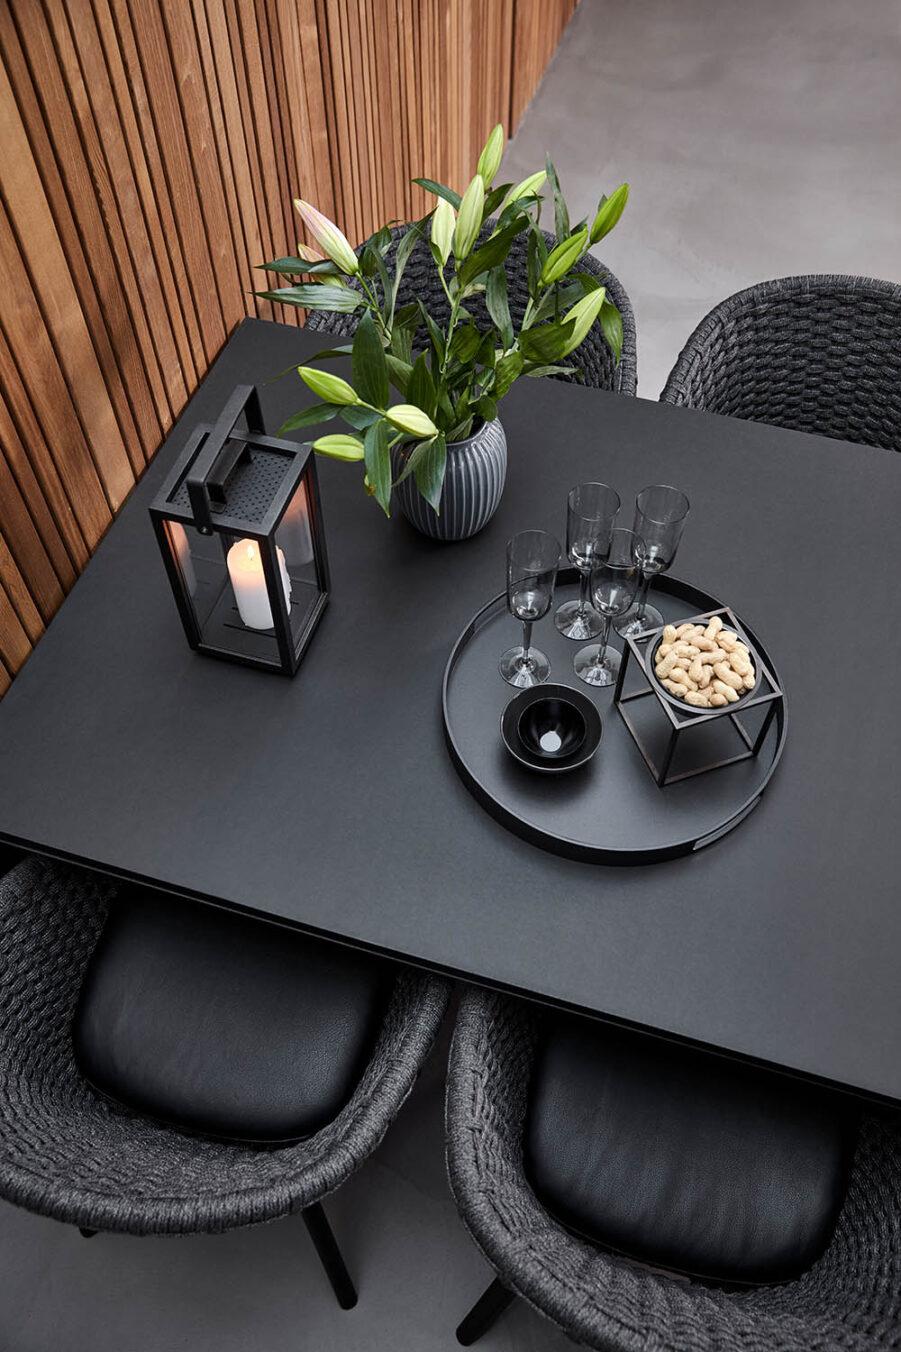 Miljöbild på Peacock karmstolar tillsammans med Purte bord i en matgrupp.